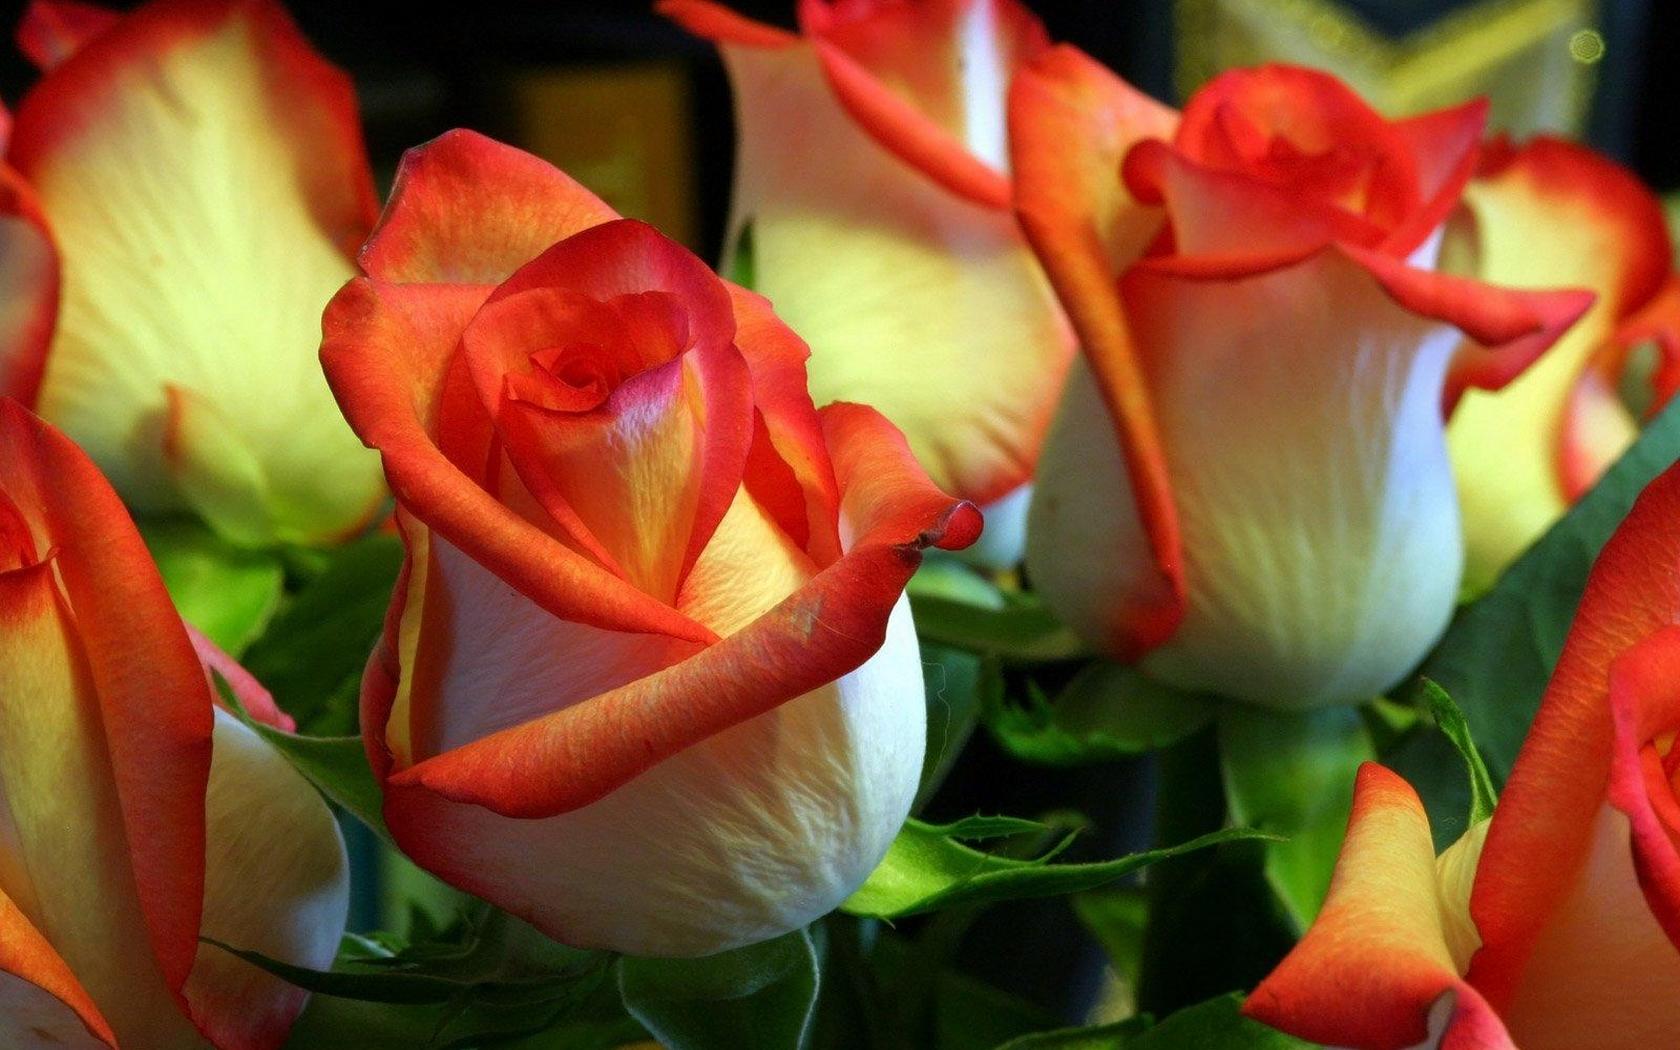 розы, бутоны, лепестки